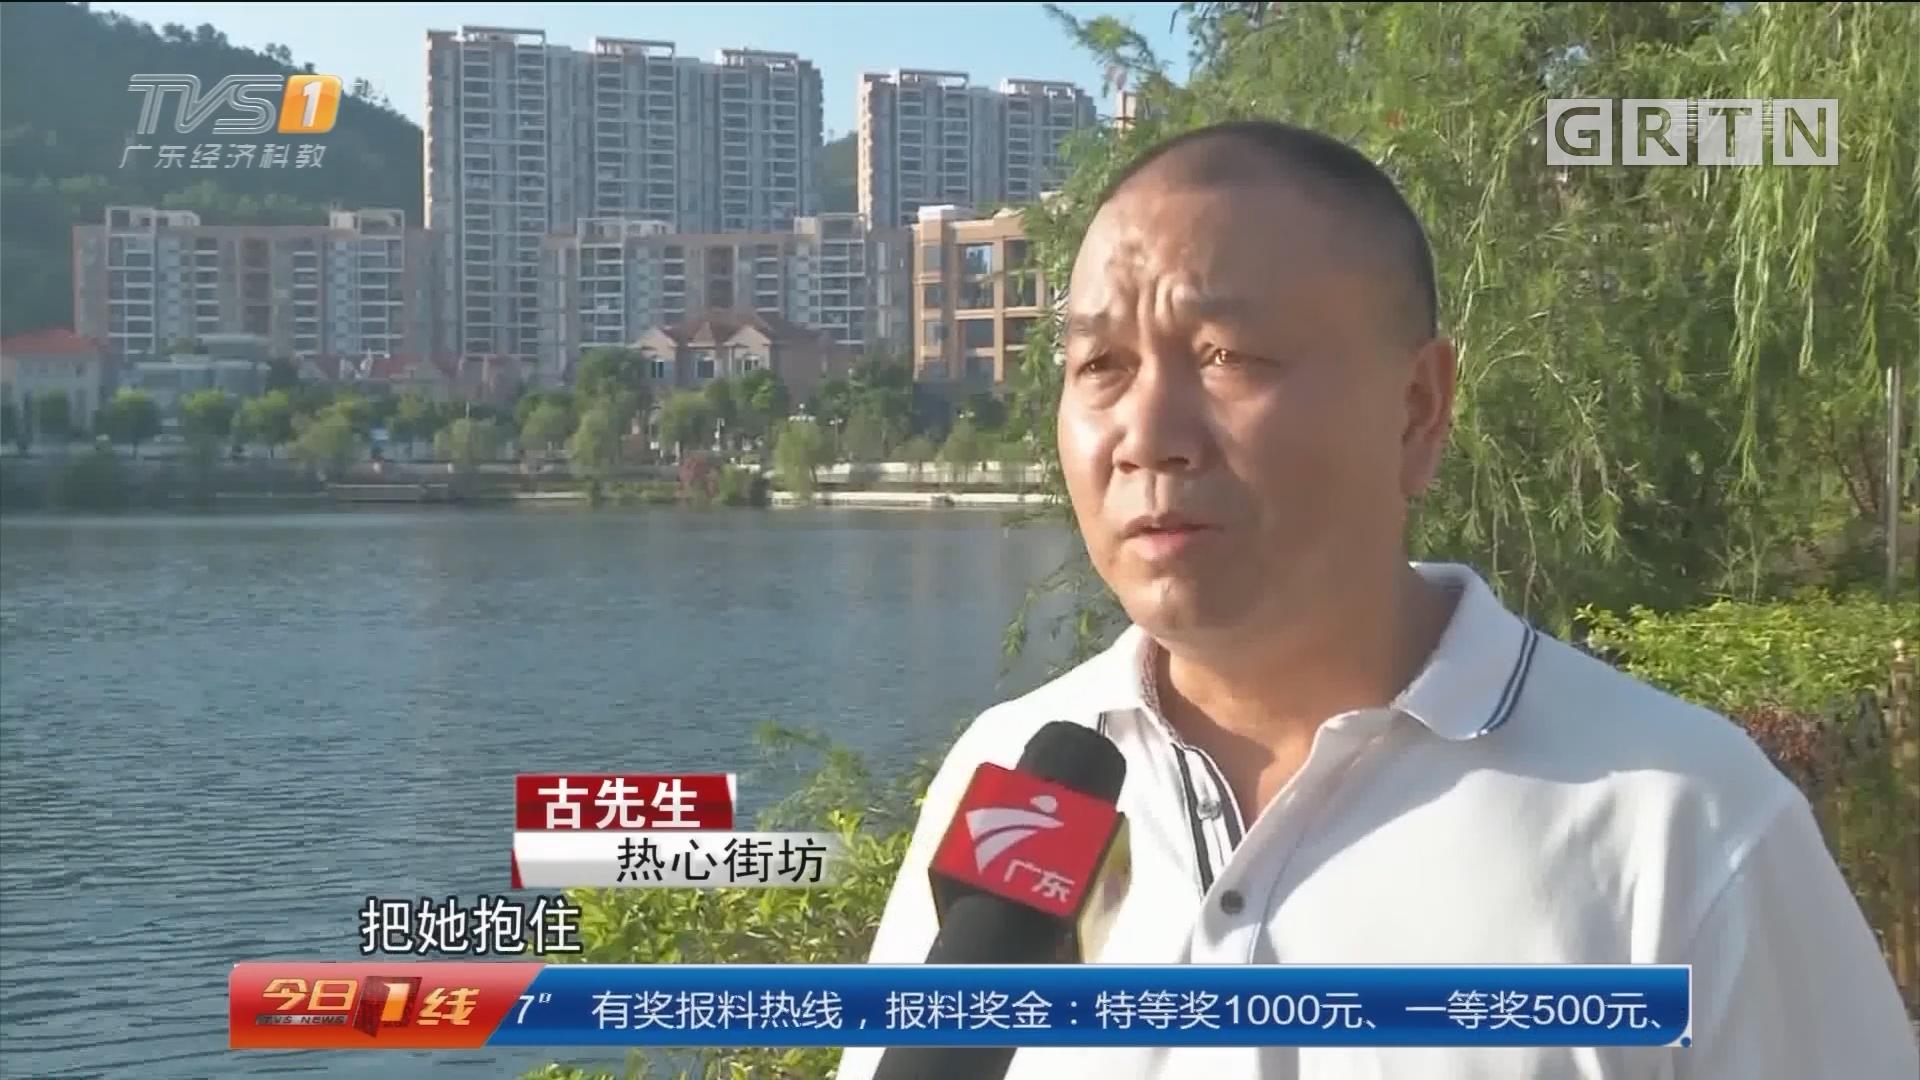 汕尾海丰:阿婆清晨溺水 热心男子跳湖救起